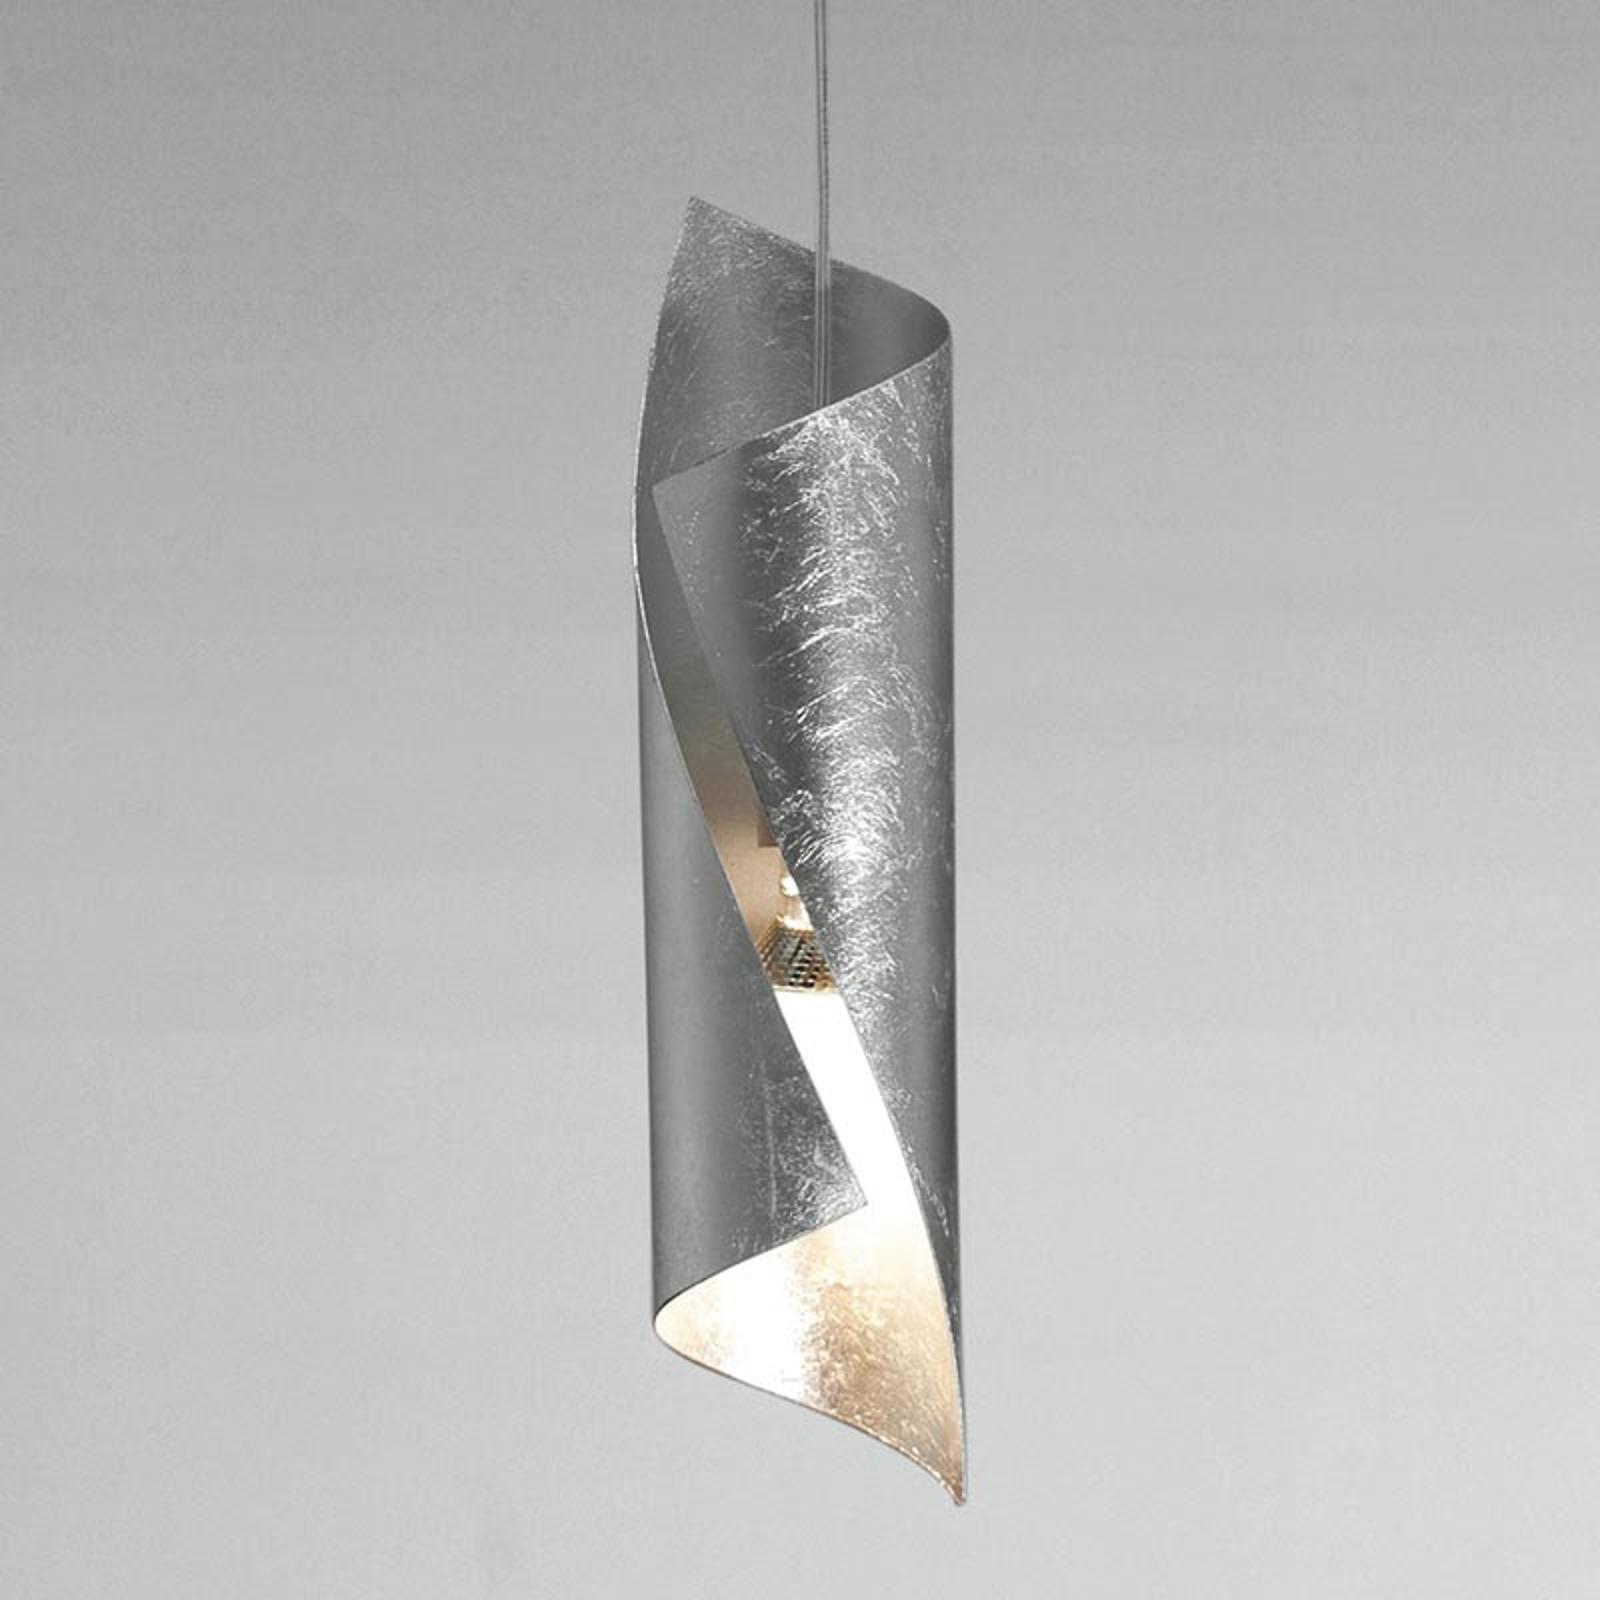 Knikerboker Hué Hängeleuchte in Silber, einflammig